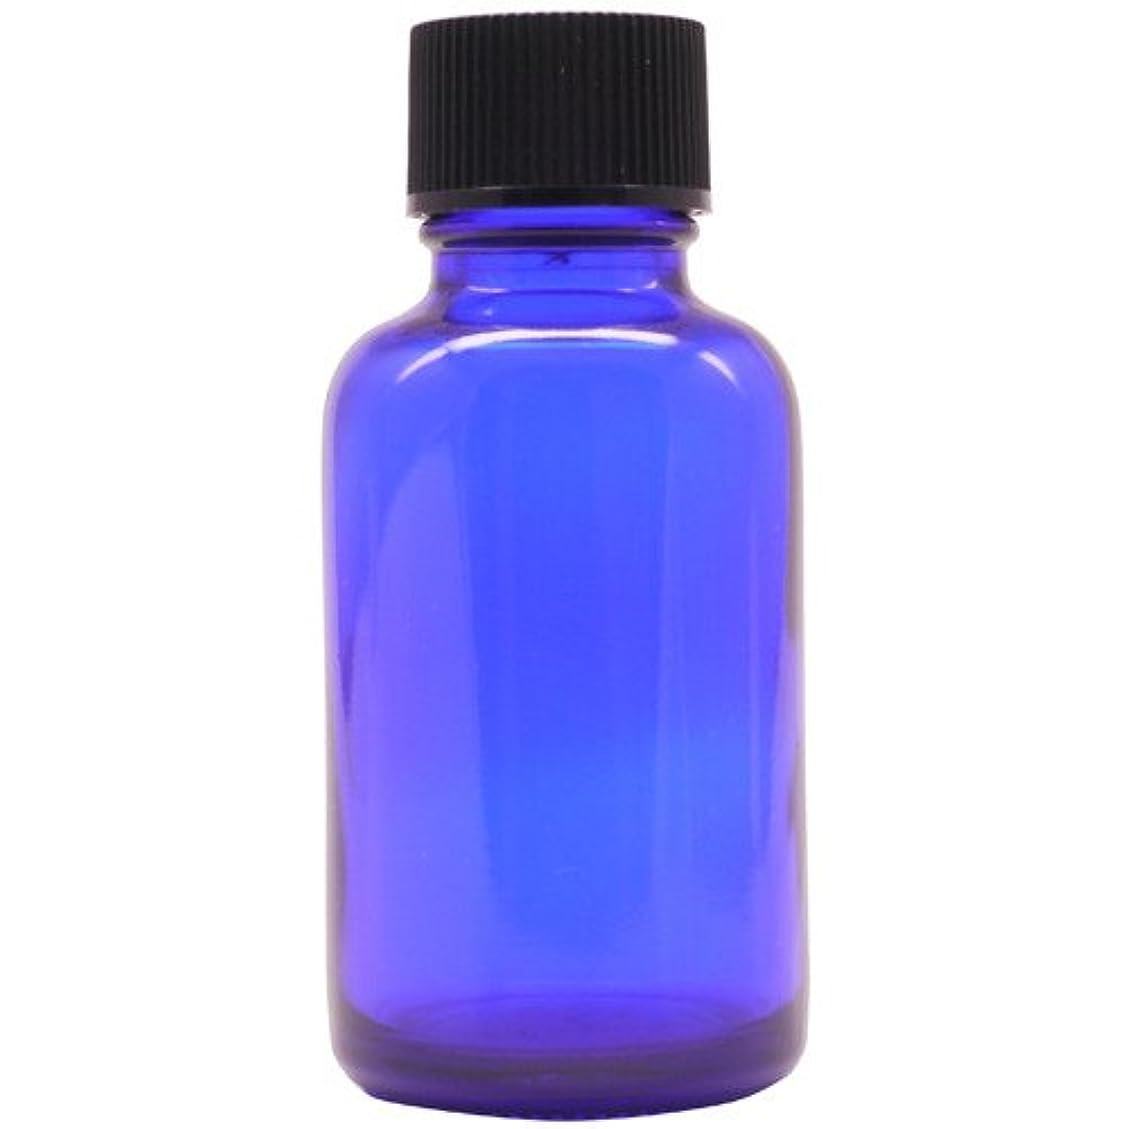 スーパーマーケット廃止君主アロマアンドライフ (D)ブルー瓶中止栓30ml 3本セット